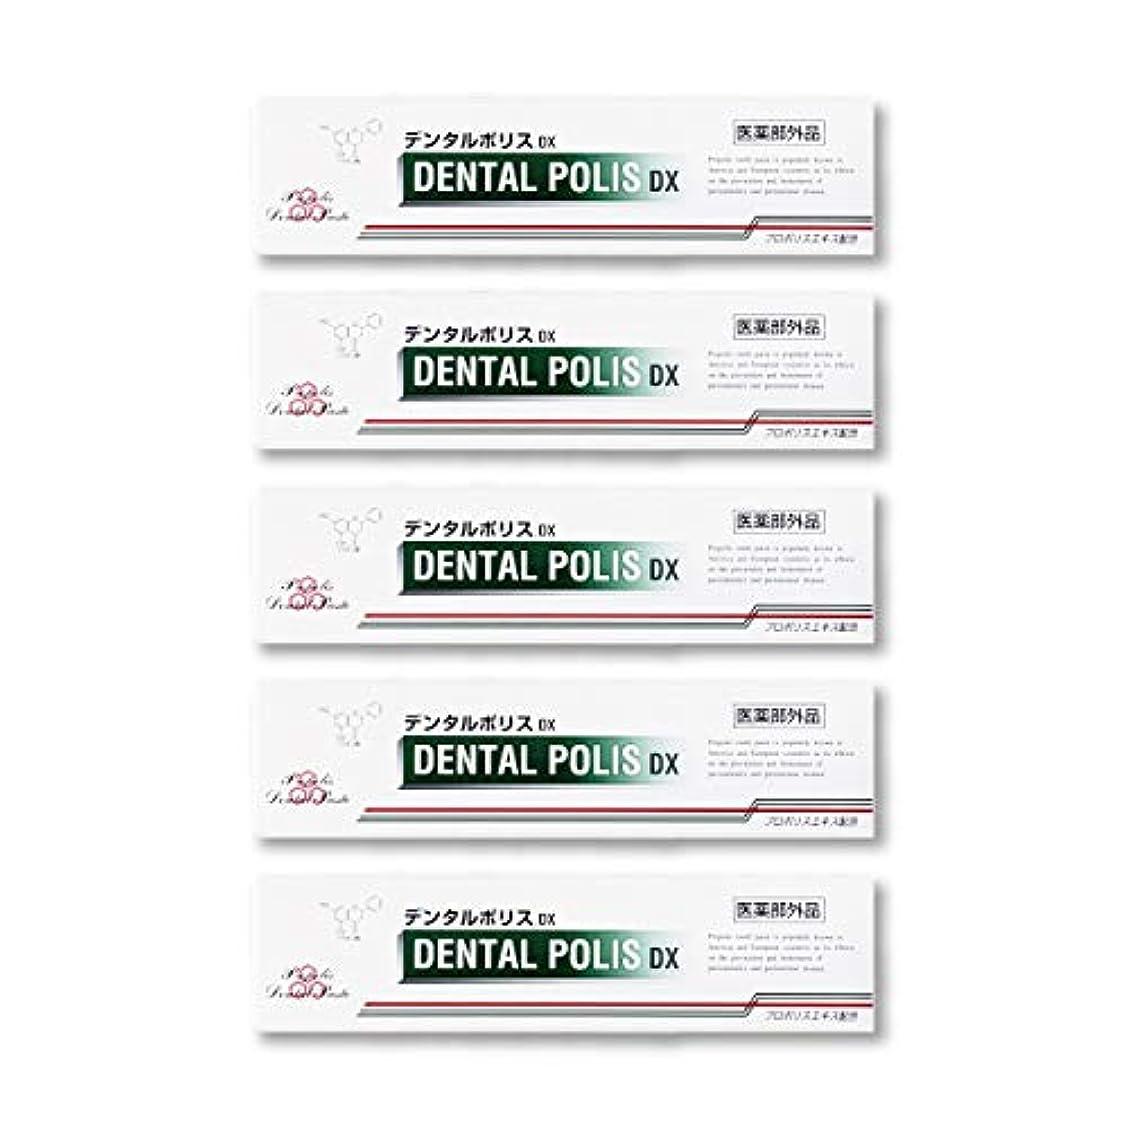 五垂直申請中デンタルポリスDX  80g   5本セット 医薬部外品  歯みがき